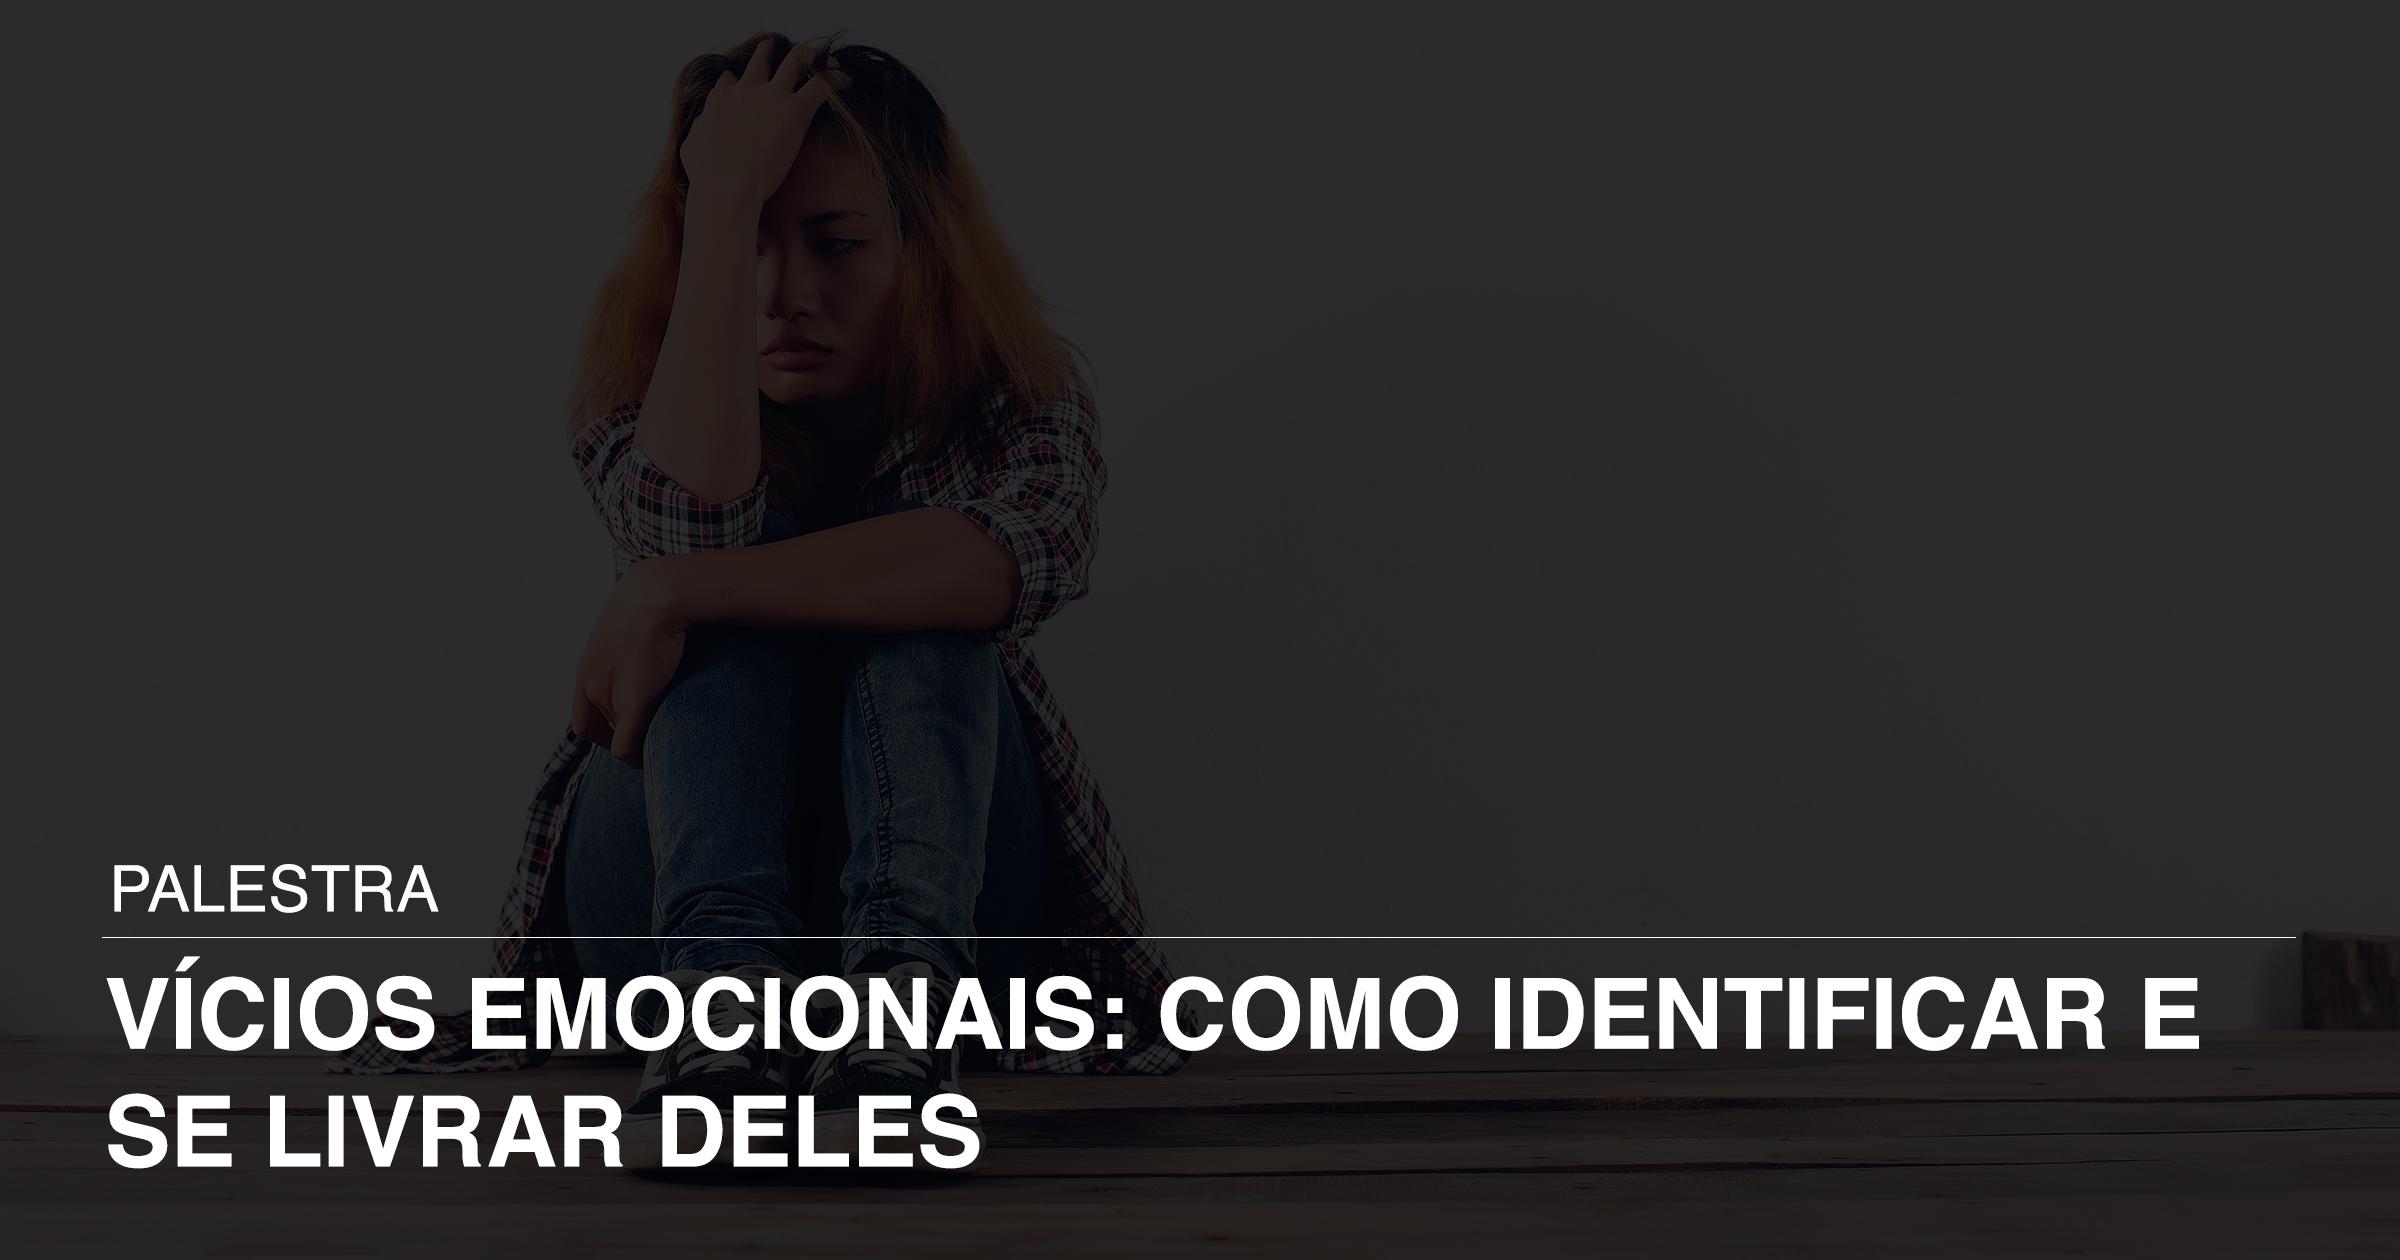 Palestra - Vícios Emocionais: Como identificar e se livrar deles